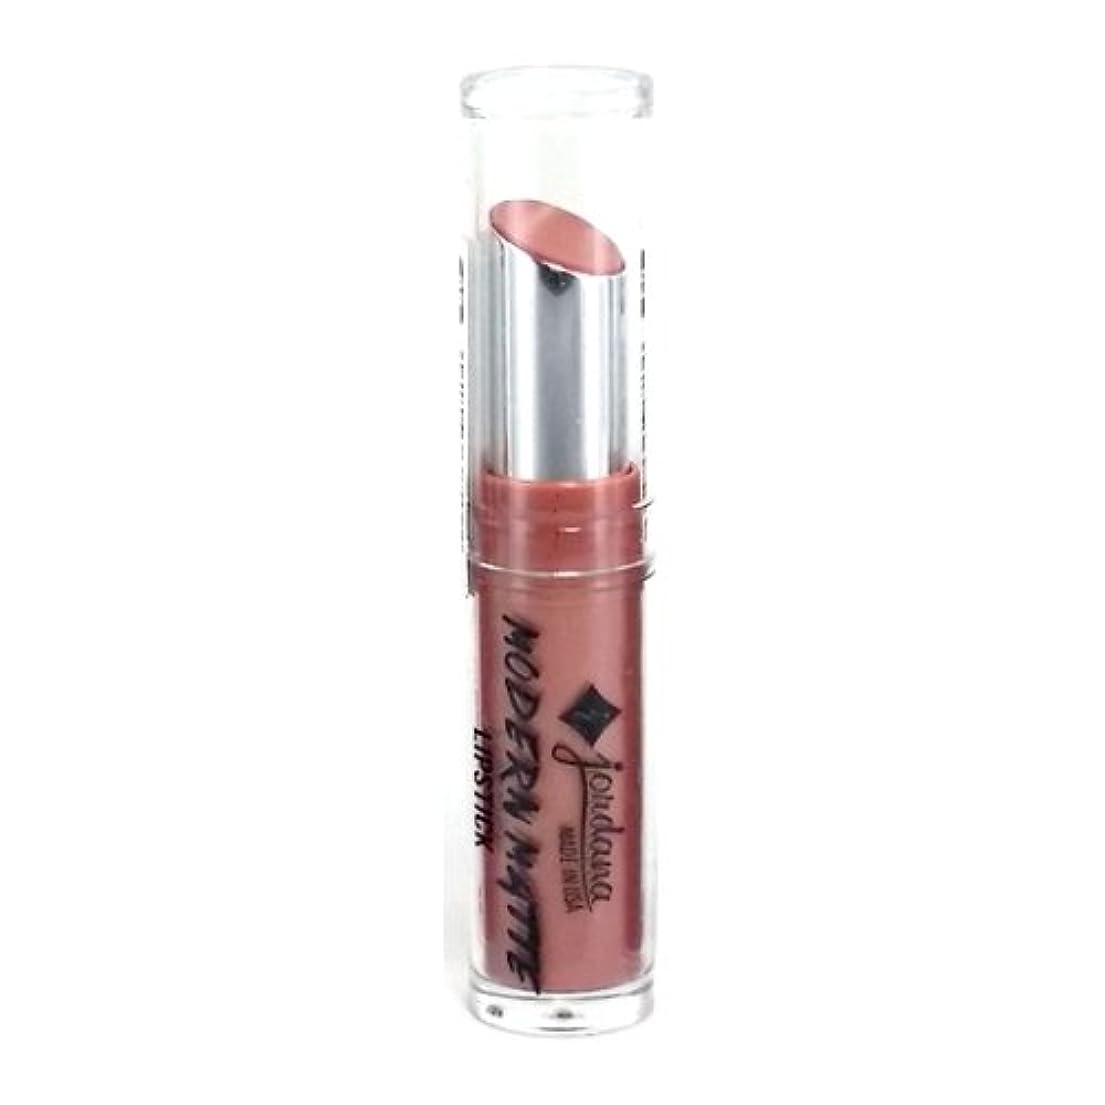 感情ナイロン頬骨(3 Pack) JORDANA Modern Matte Lipstick - Matte Blush (並行輸入品)